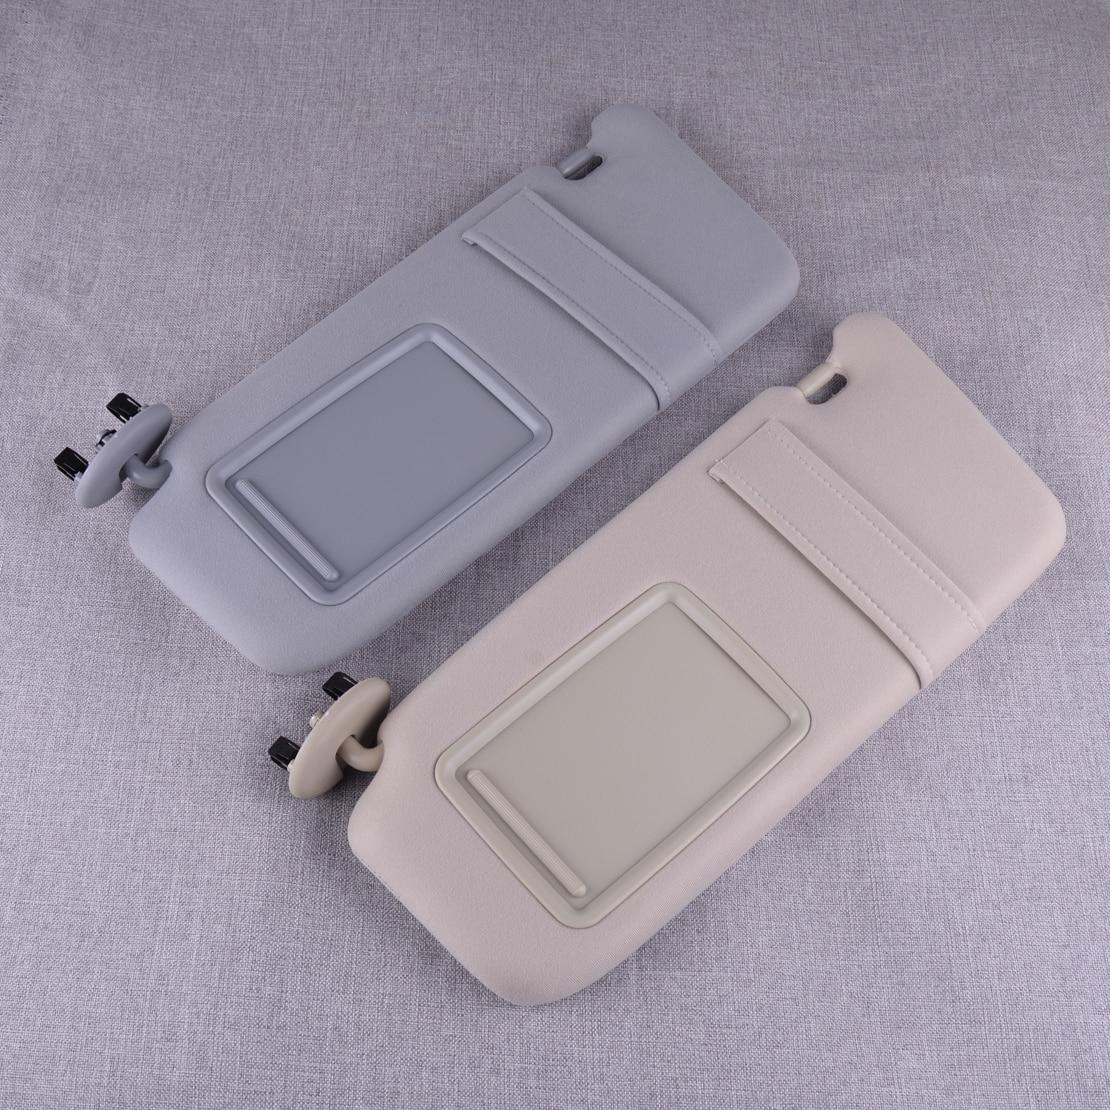 Beler Sinistro Lato Guida Visiera di Sun Block Ombra 74320-06780-B0 Misura per Toyota Camry 2007 2008 2009 2010 2011